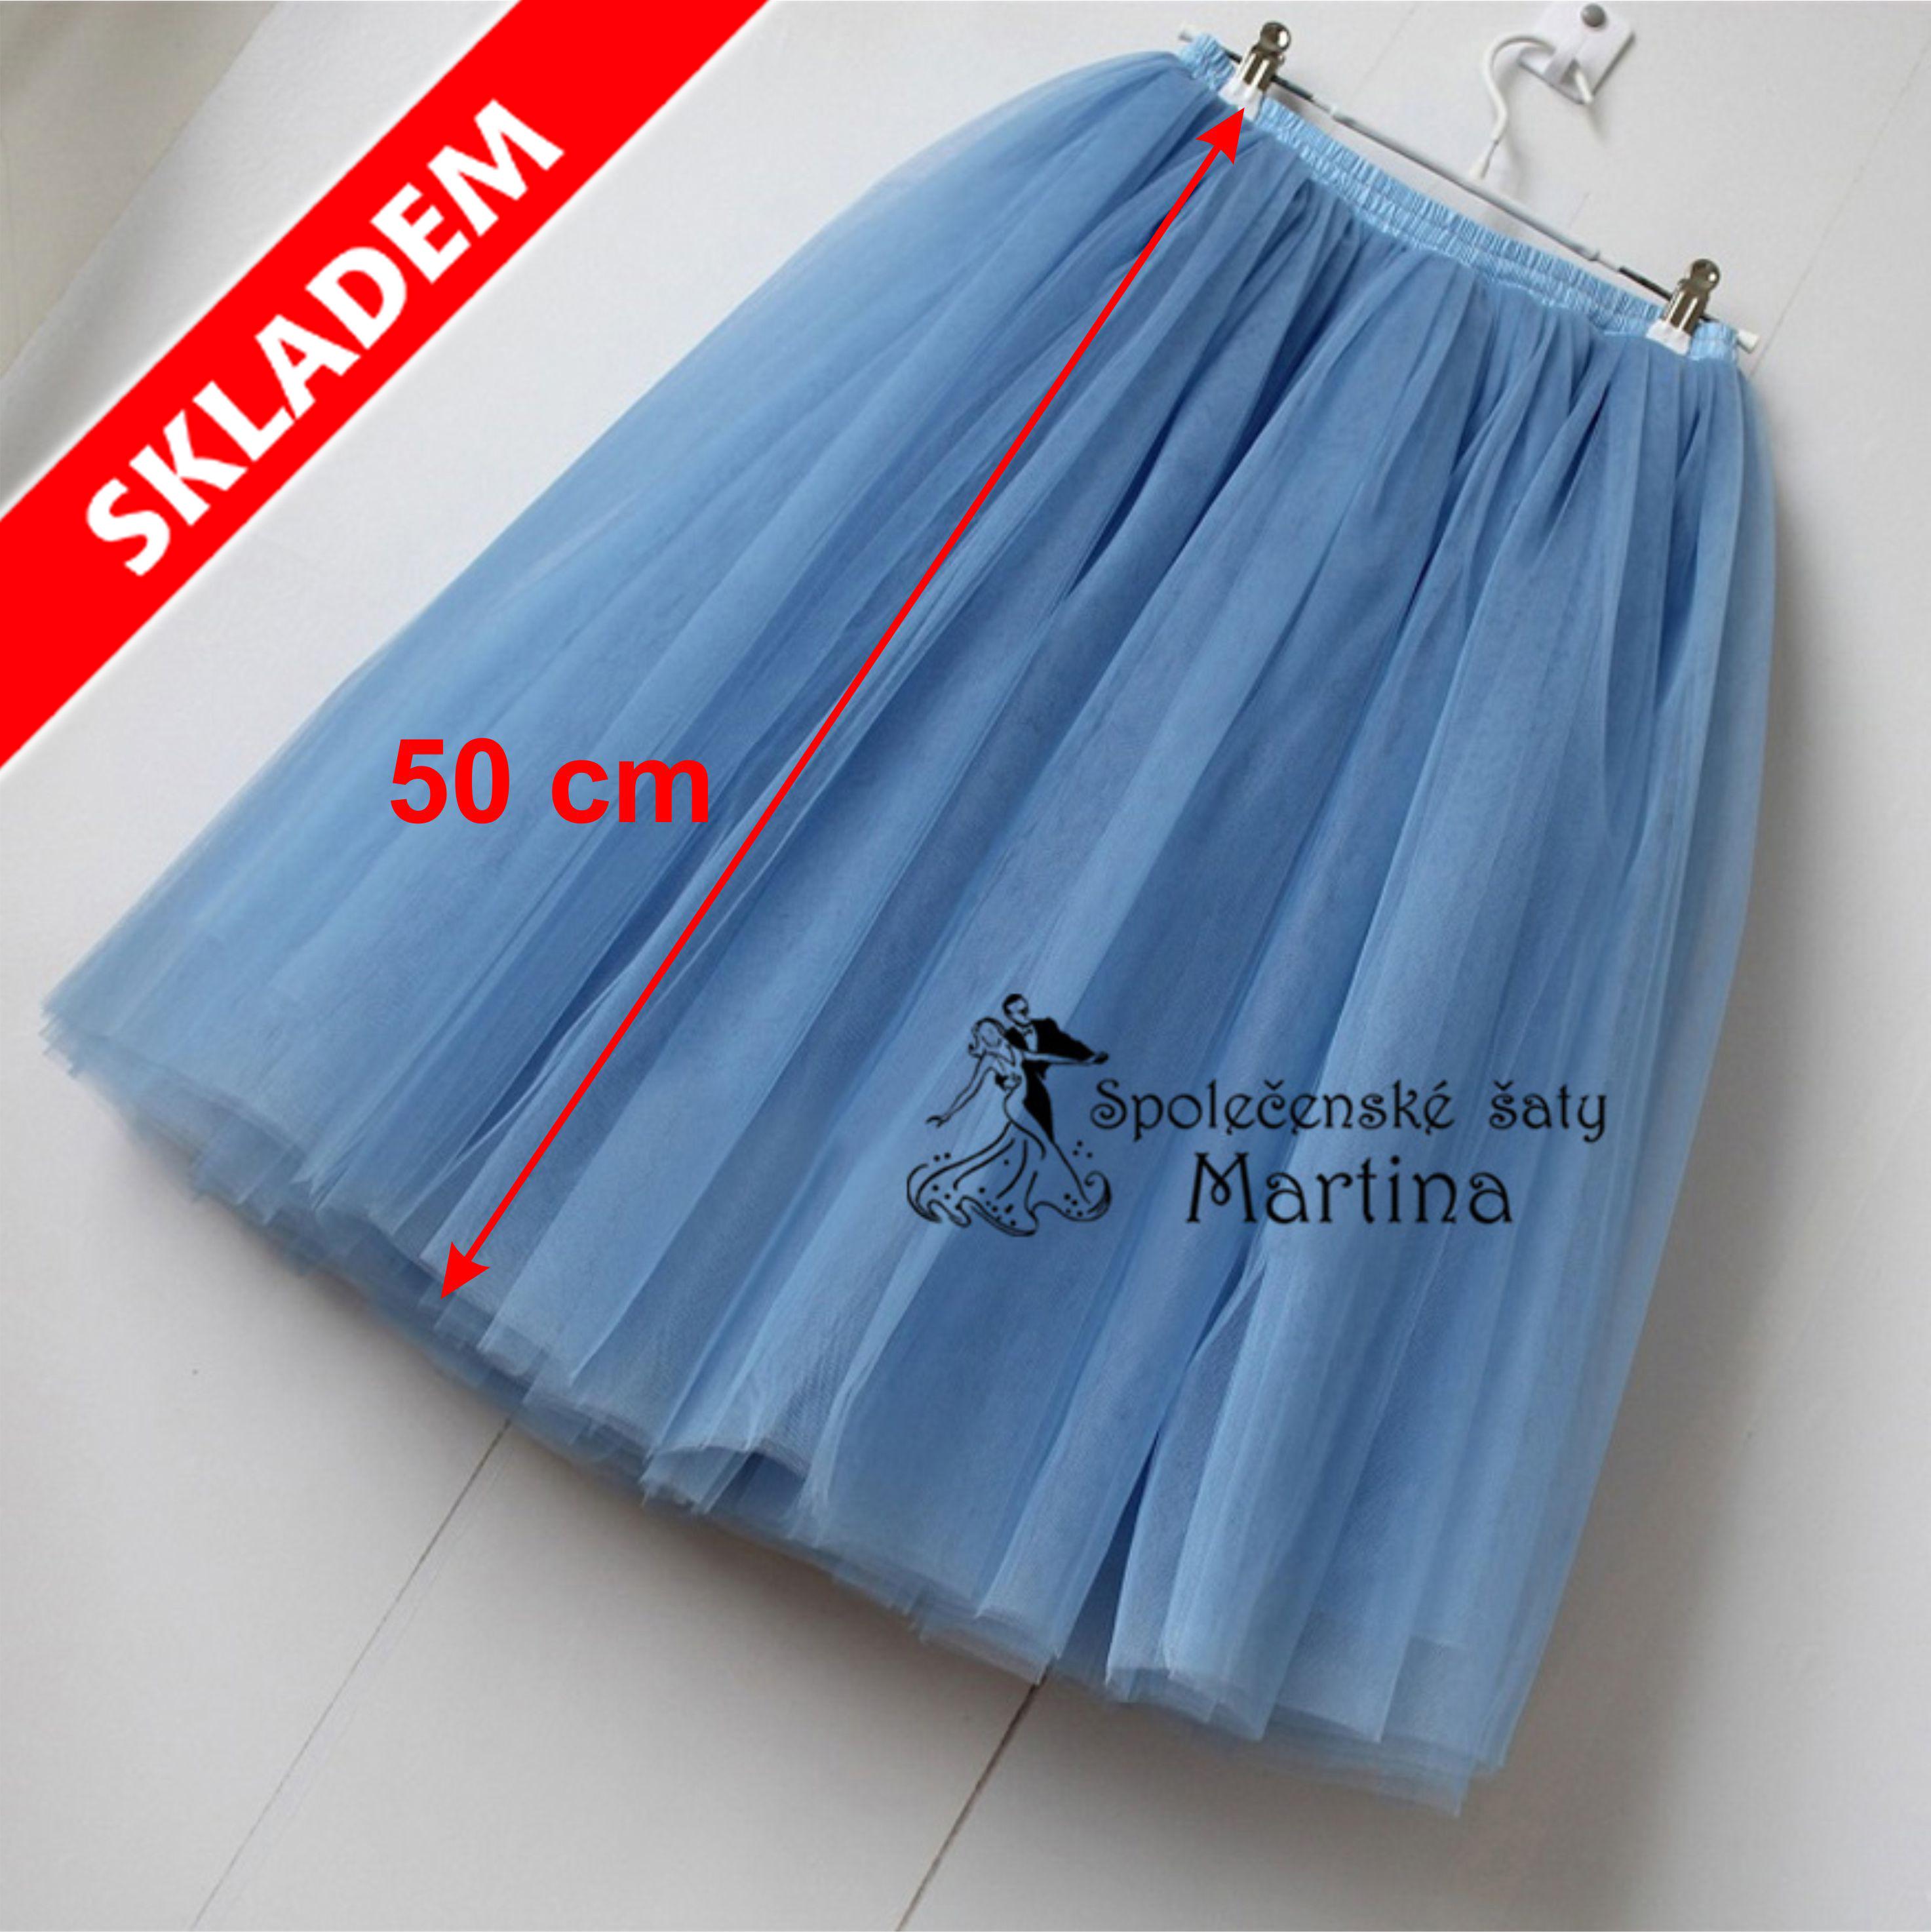 3fe29f7d582 7-vrstvá tylová sukně - 50 cm